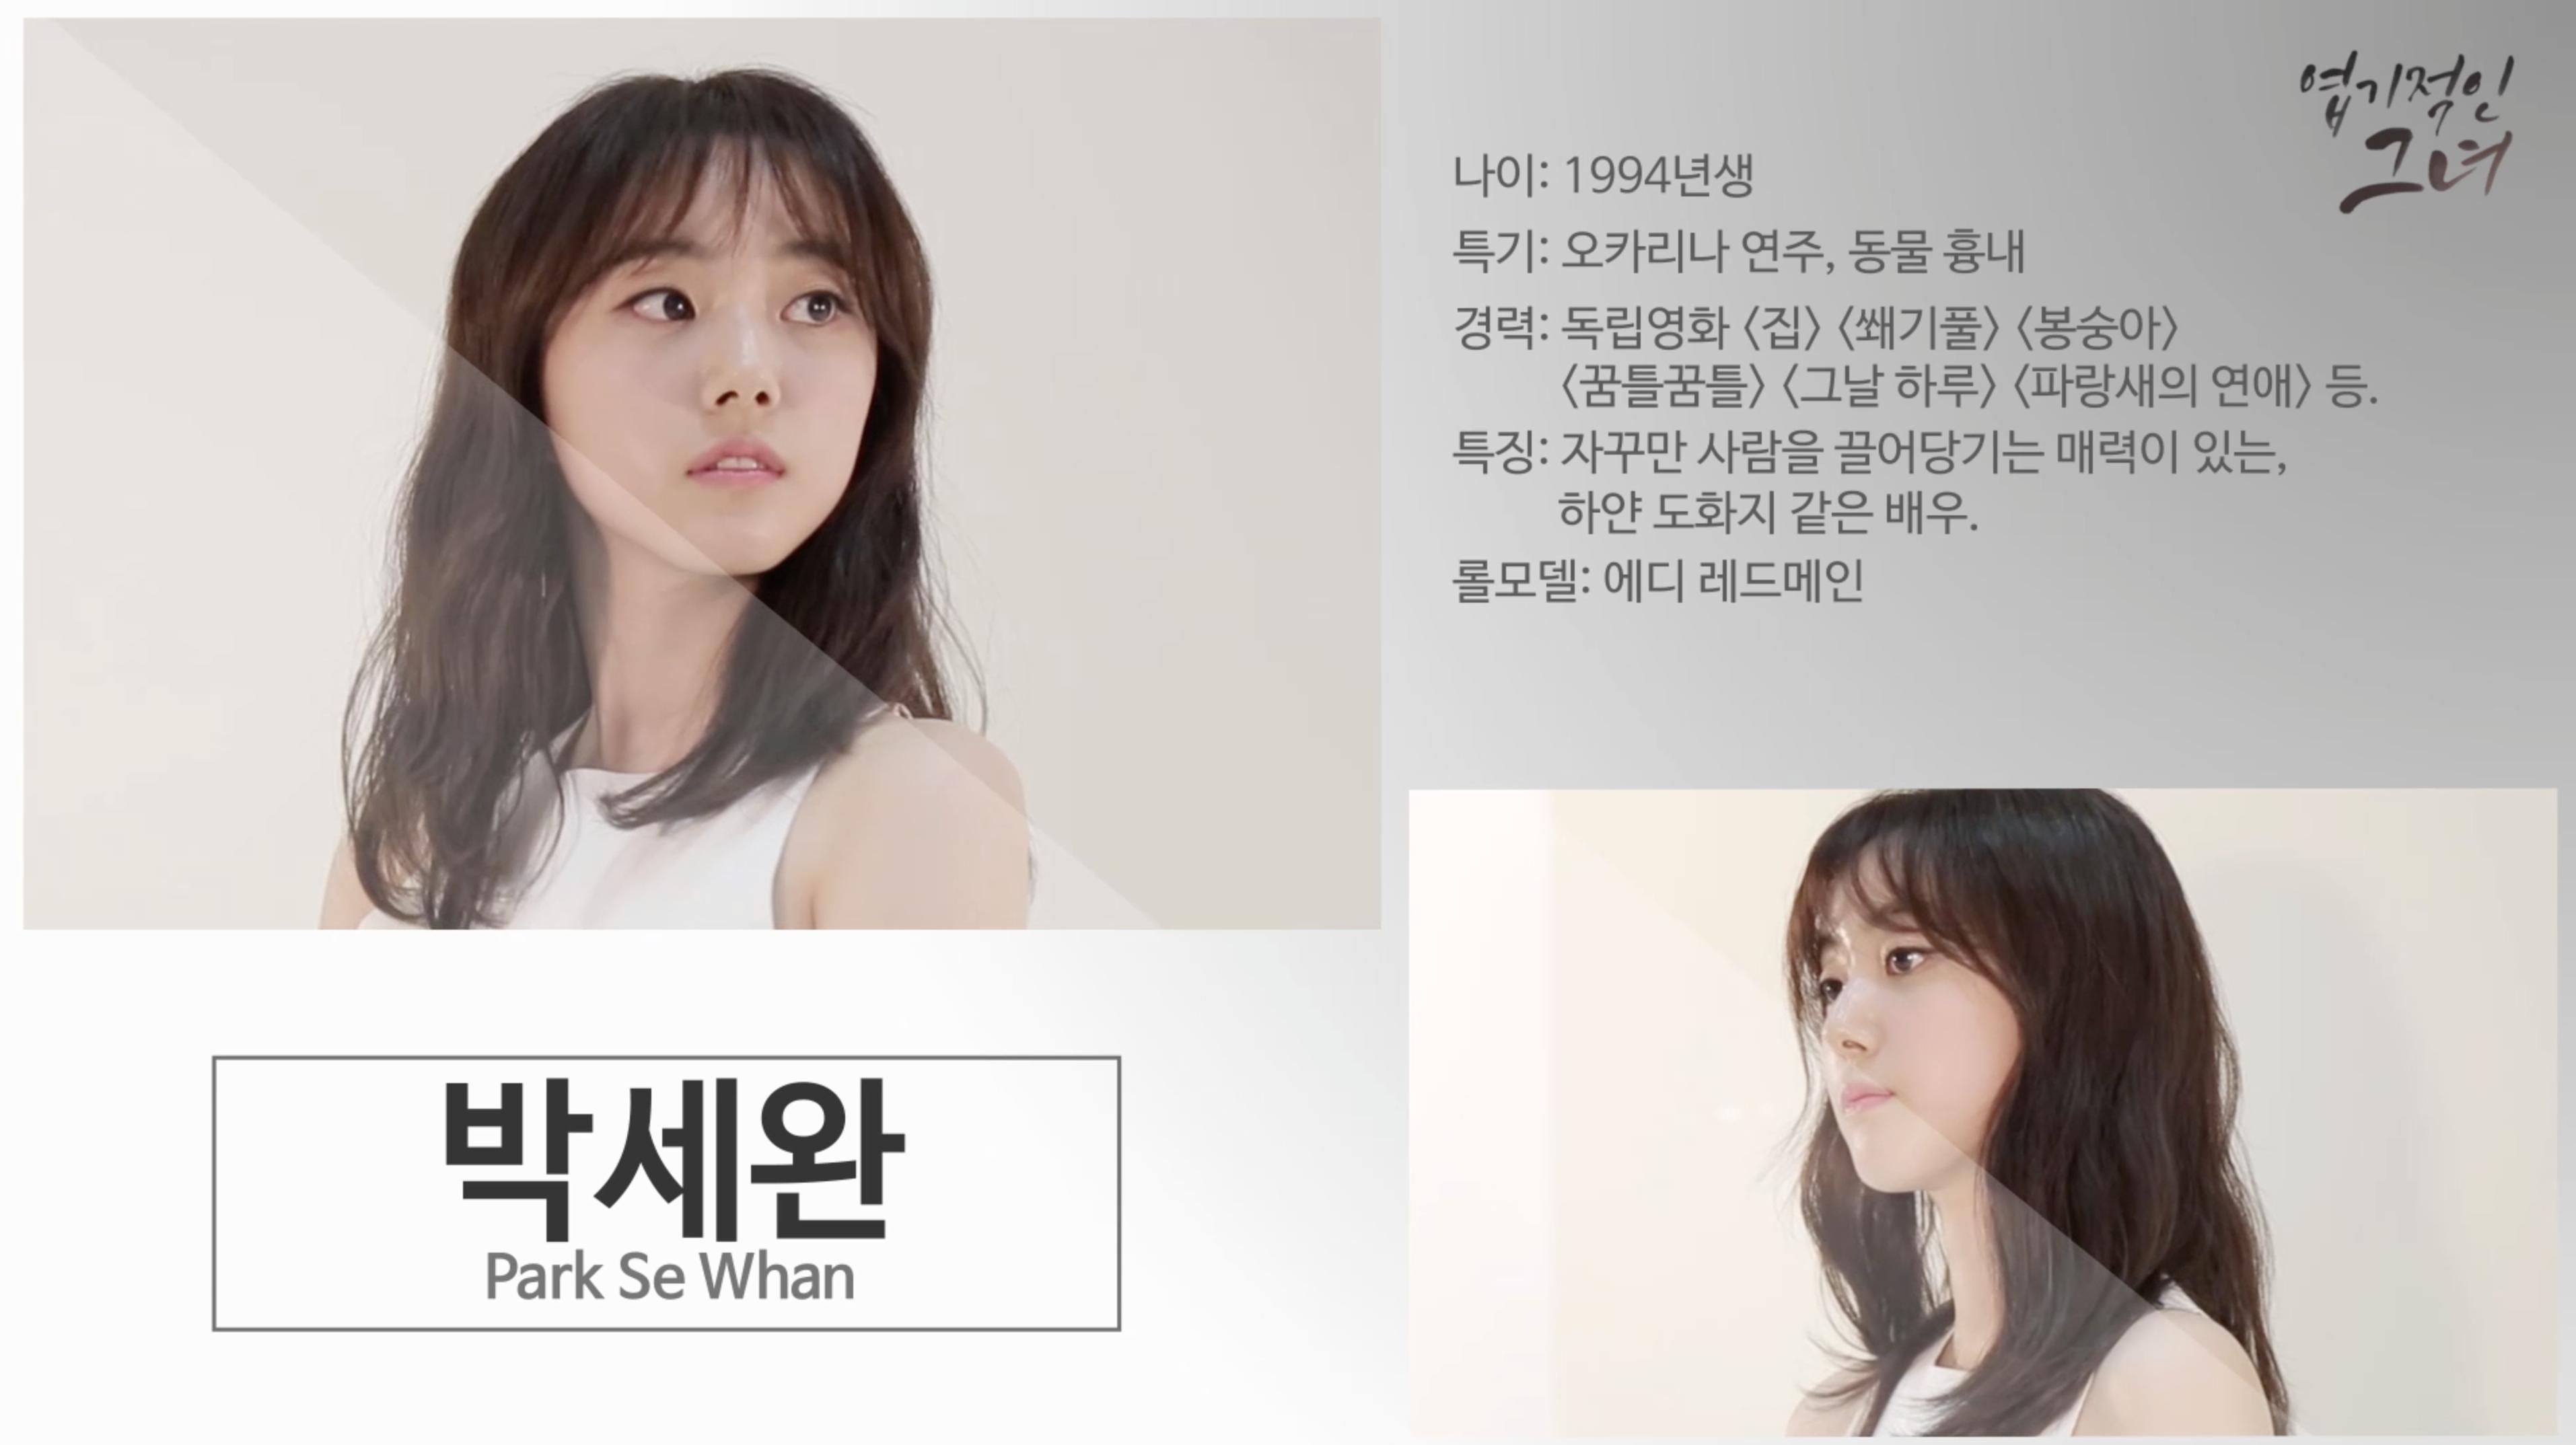 [엽기적인 그녀] 박세완 자기소개 영상 (선공개)